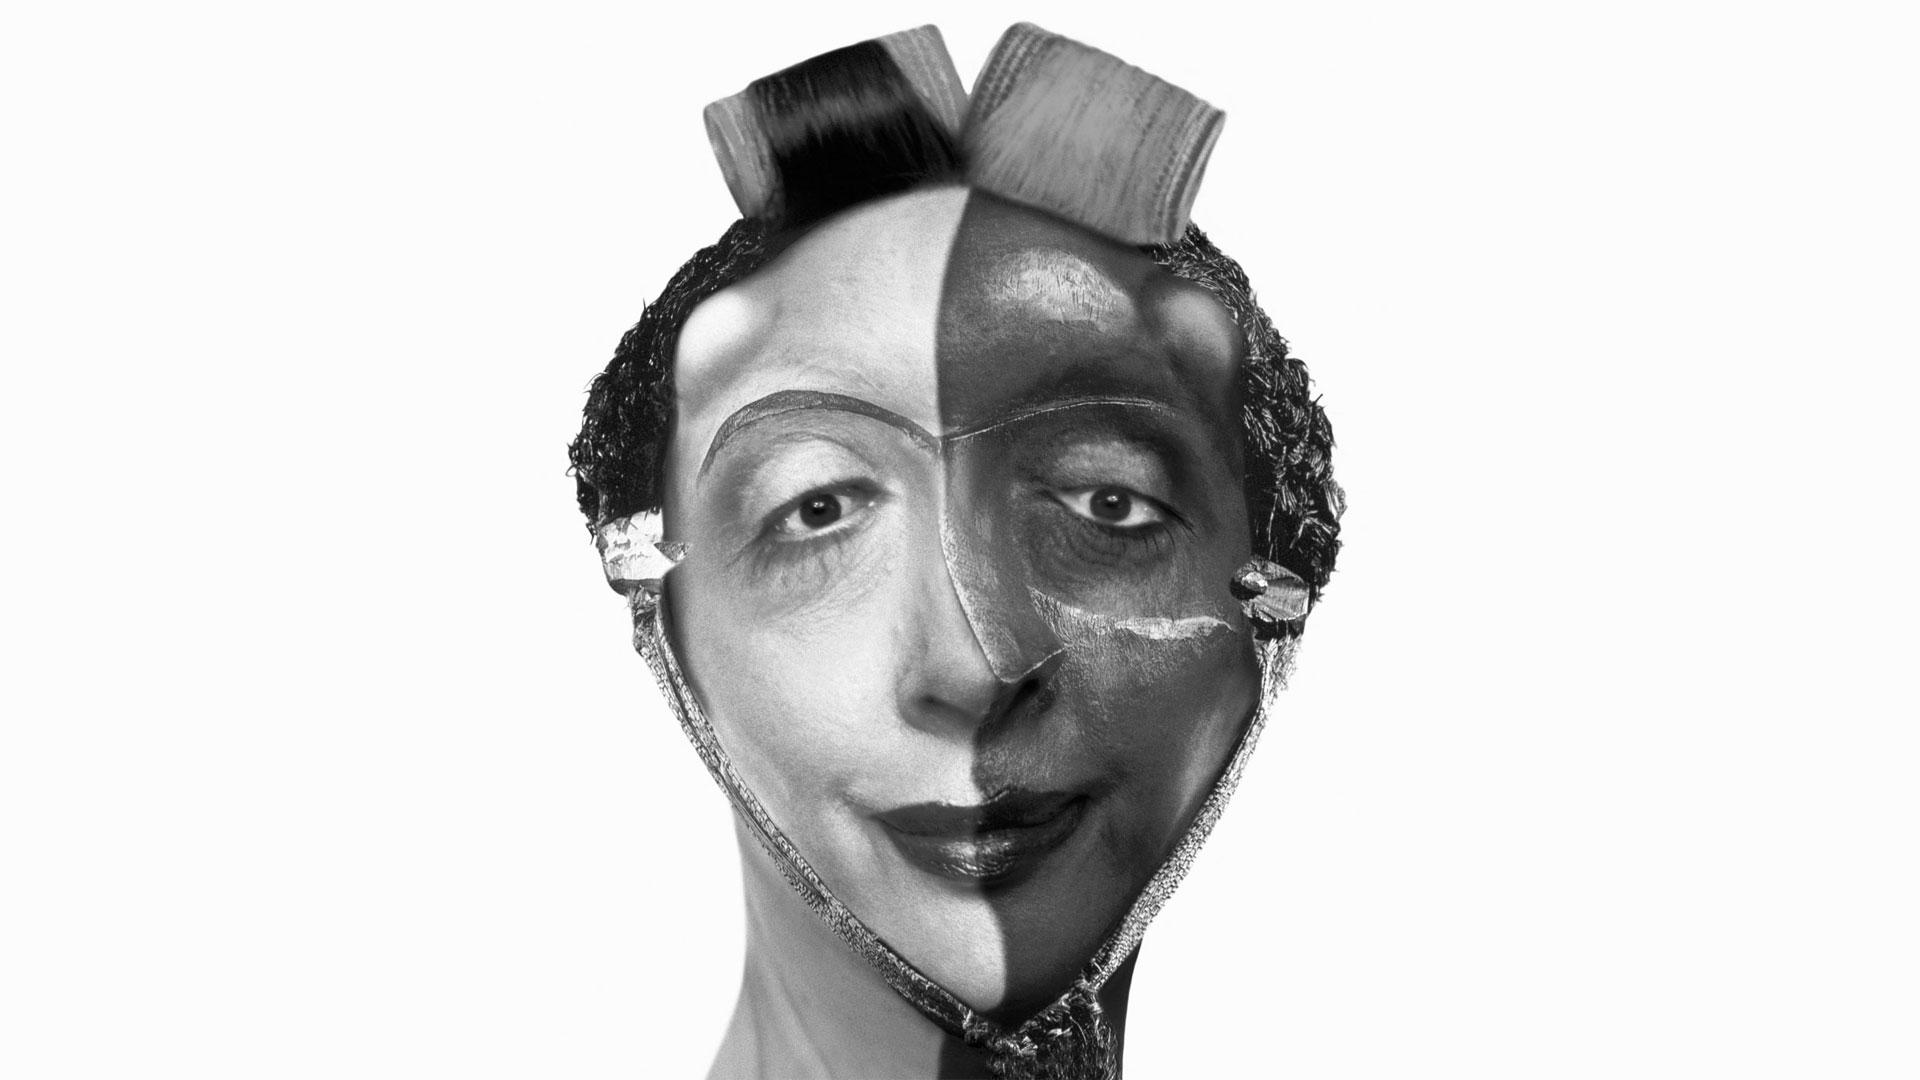 Las obras de ORLAN buscan reproducir modelos de belleza